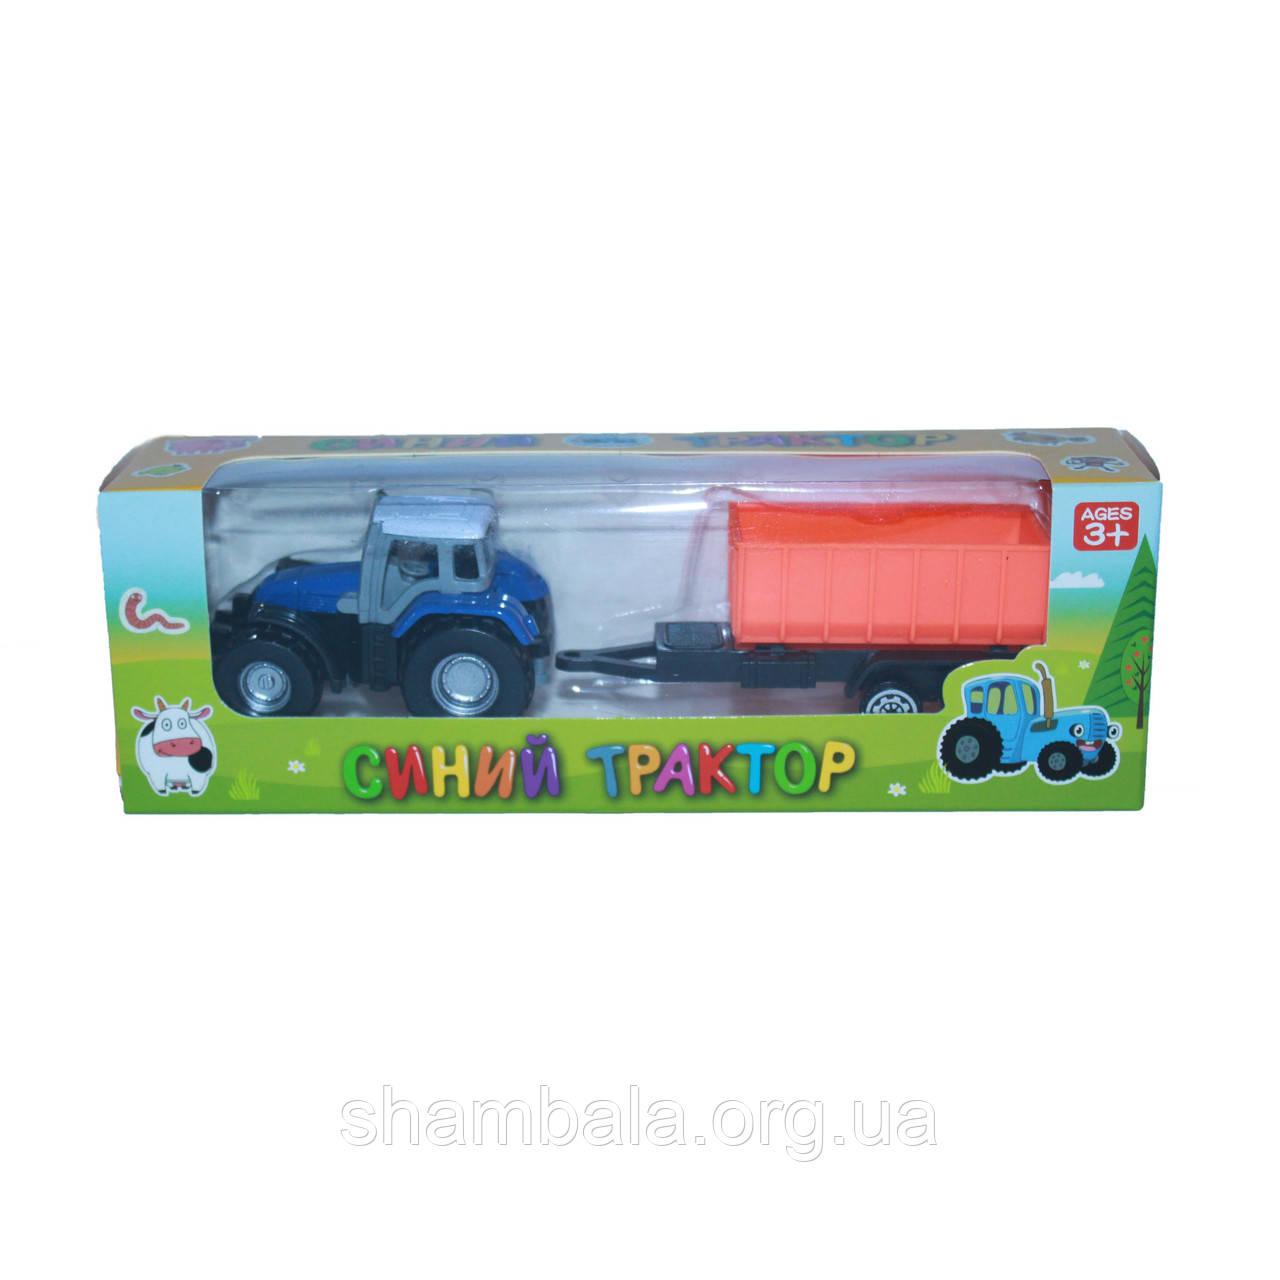 Синий трактор с Оранжевым прицепом (097305)